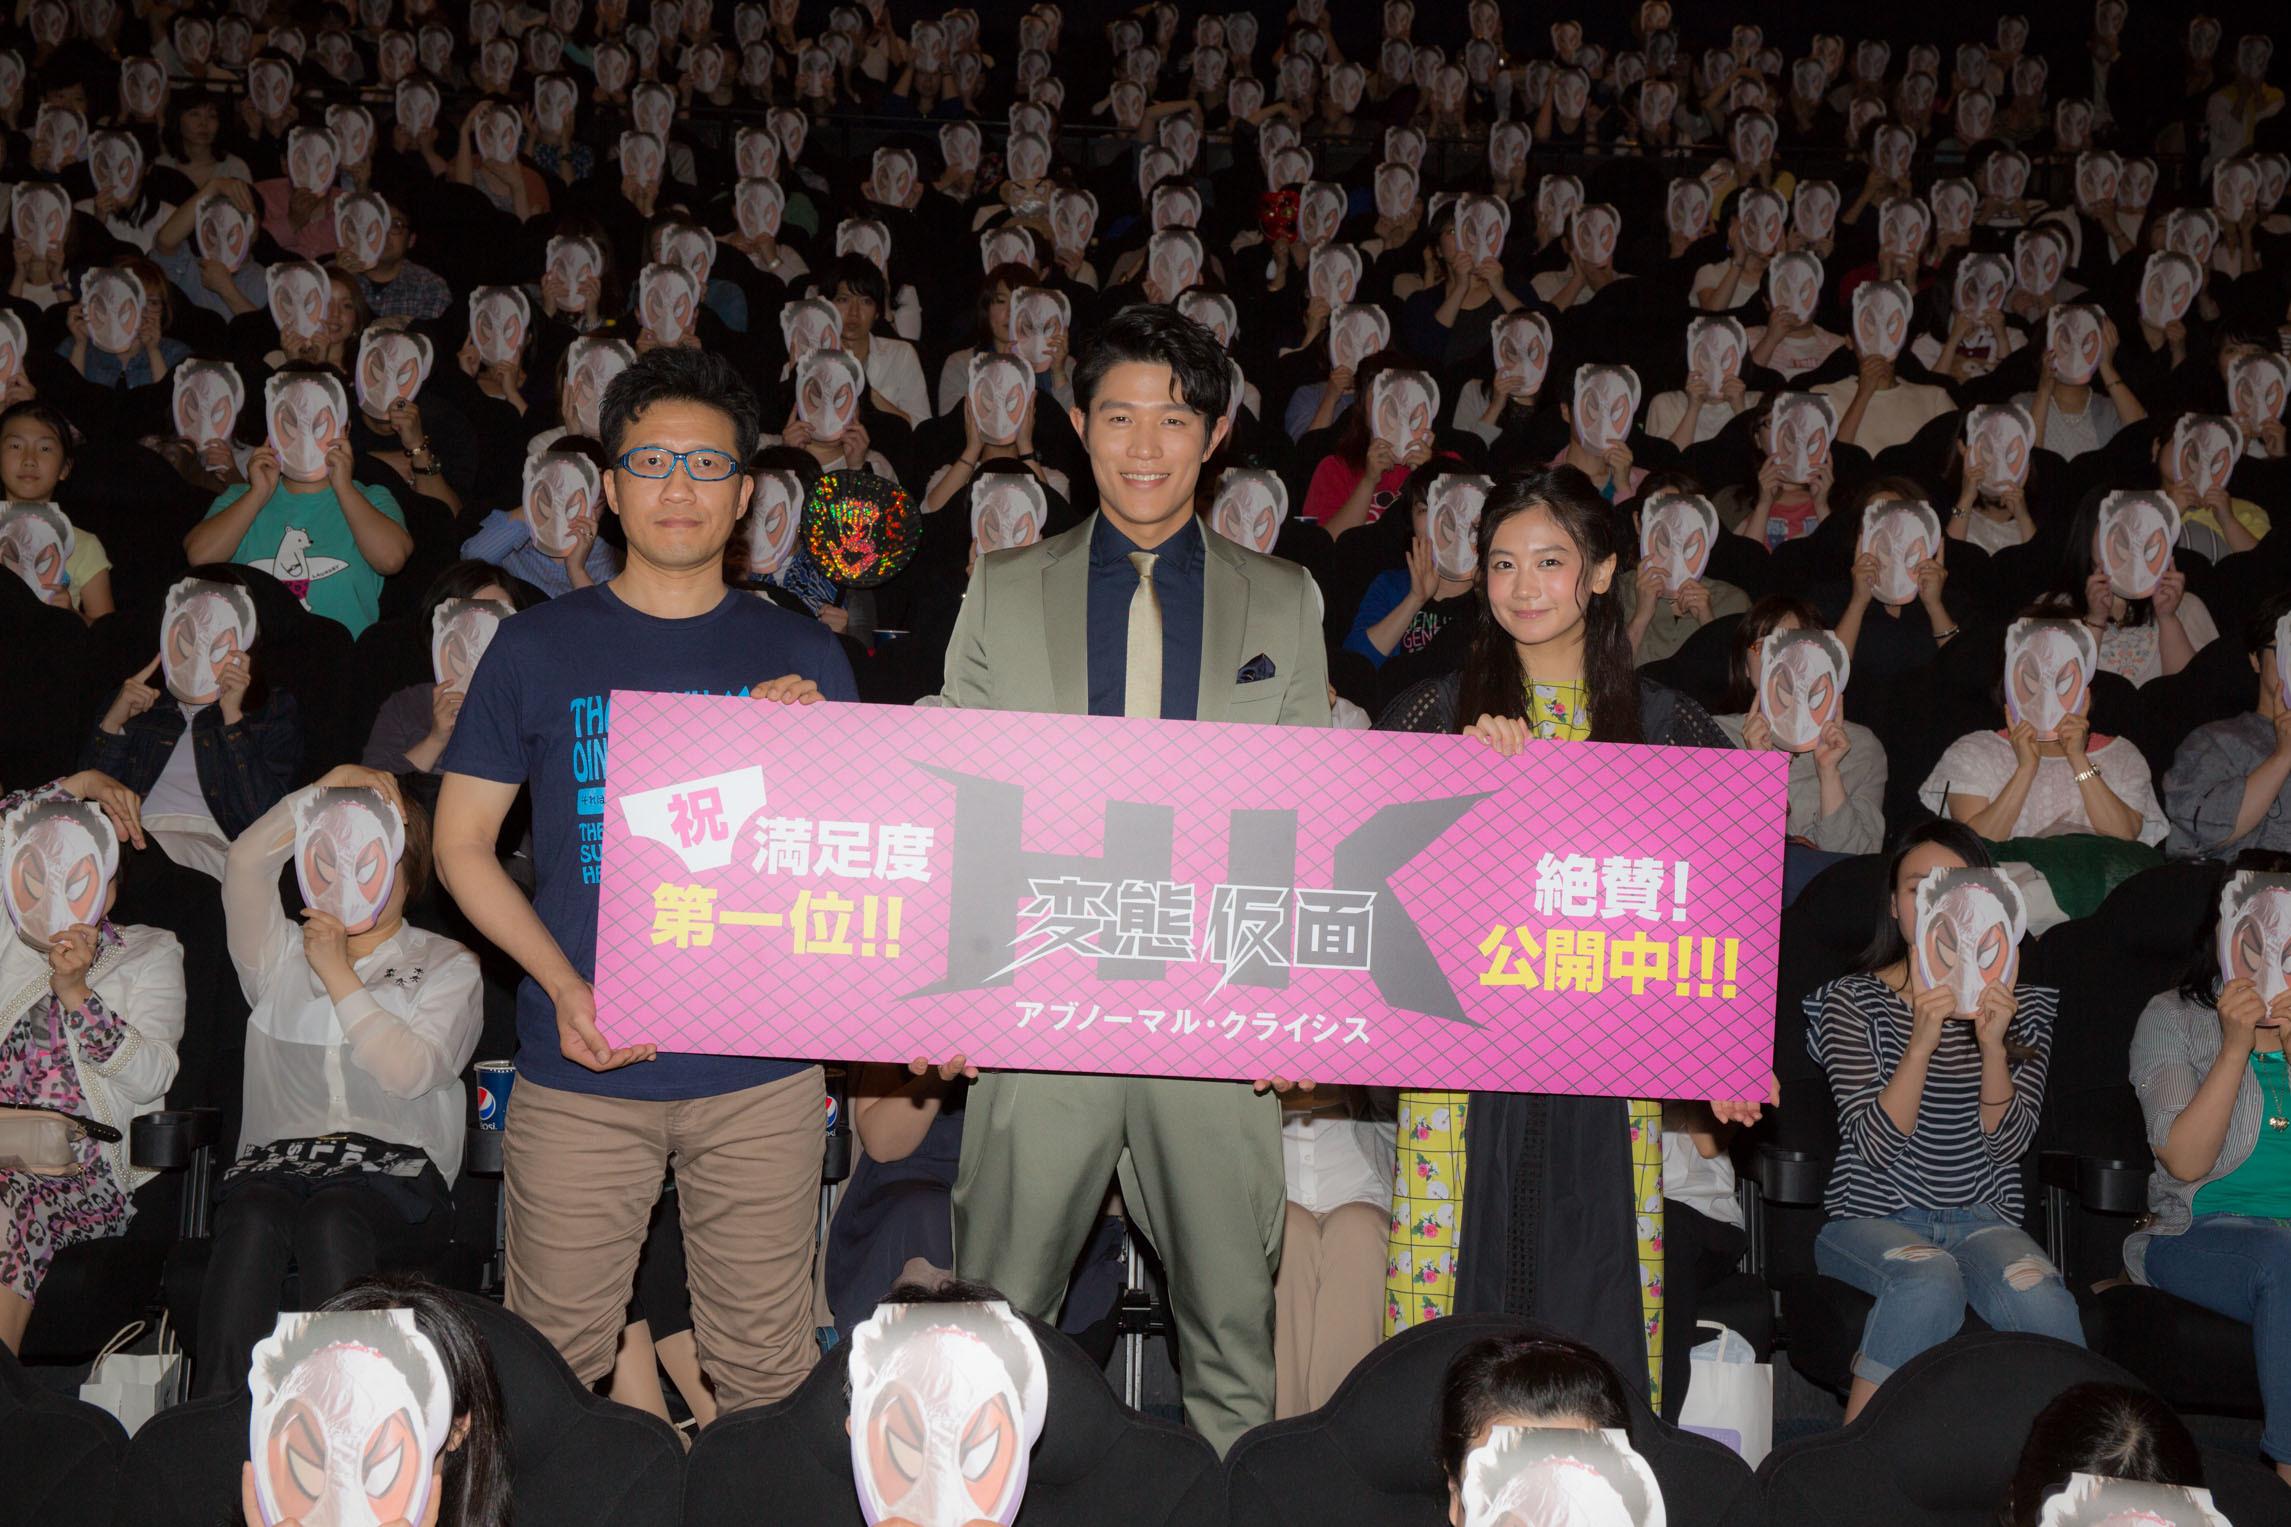 左から、あんど慶周氏、鈴木亮平、清水富美加